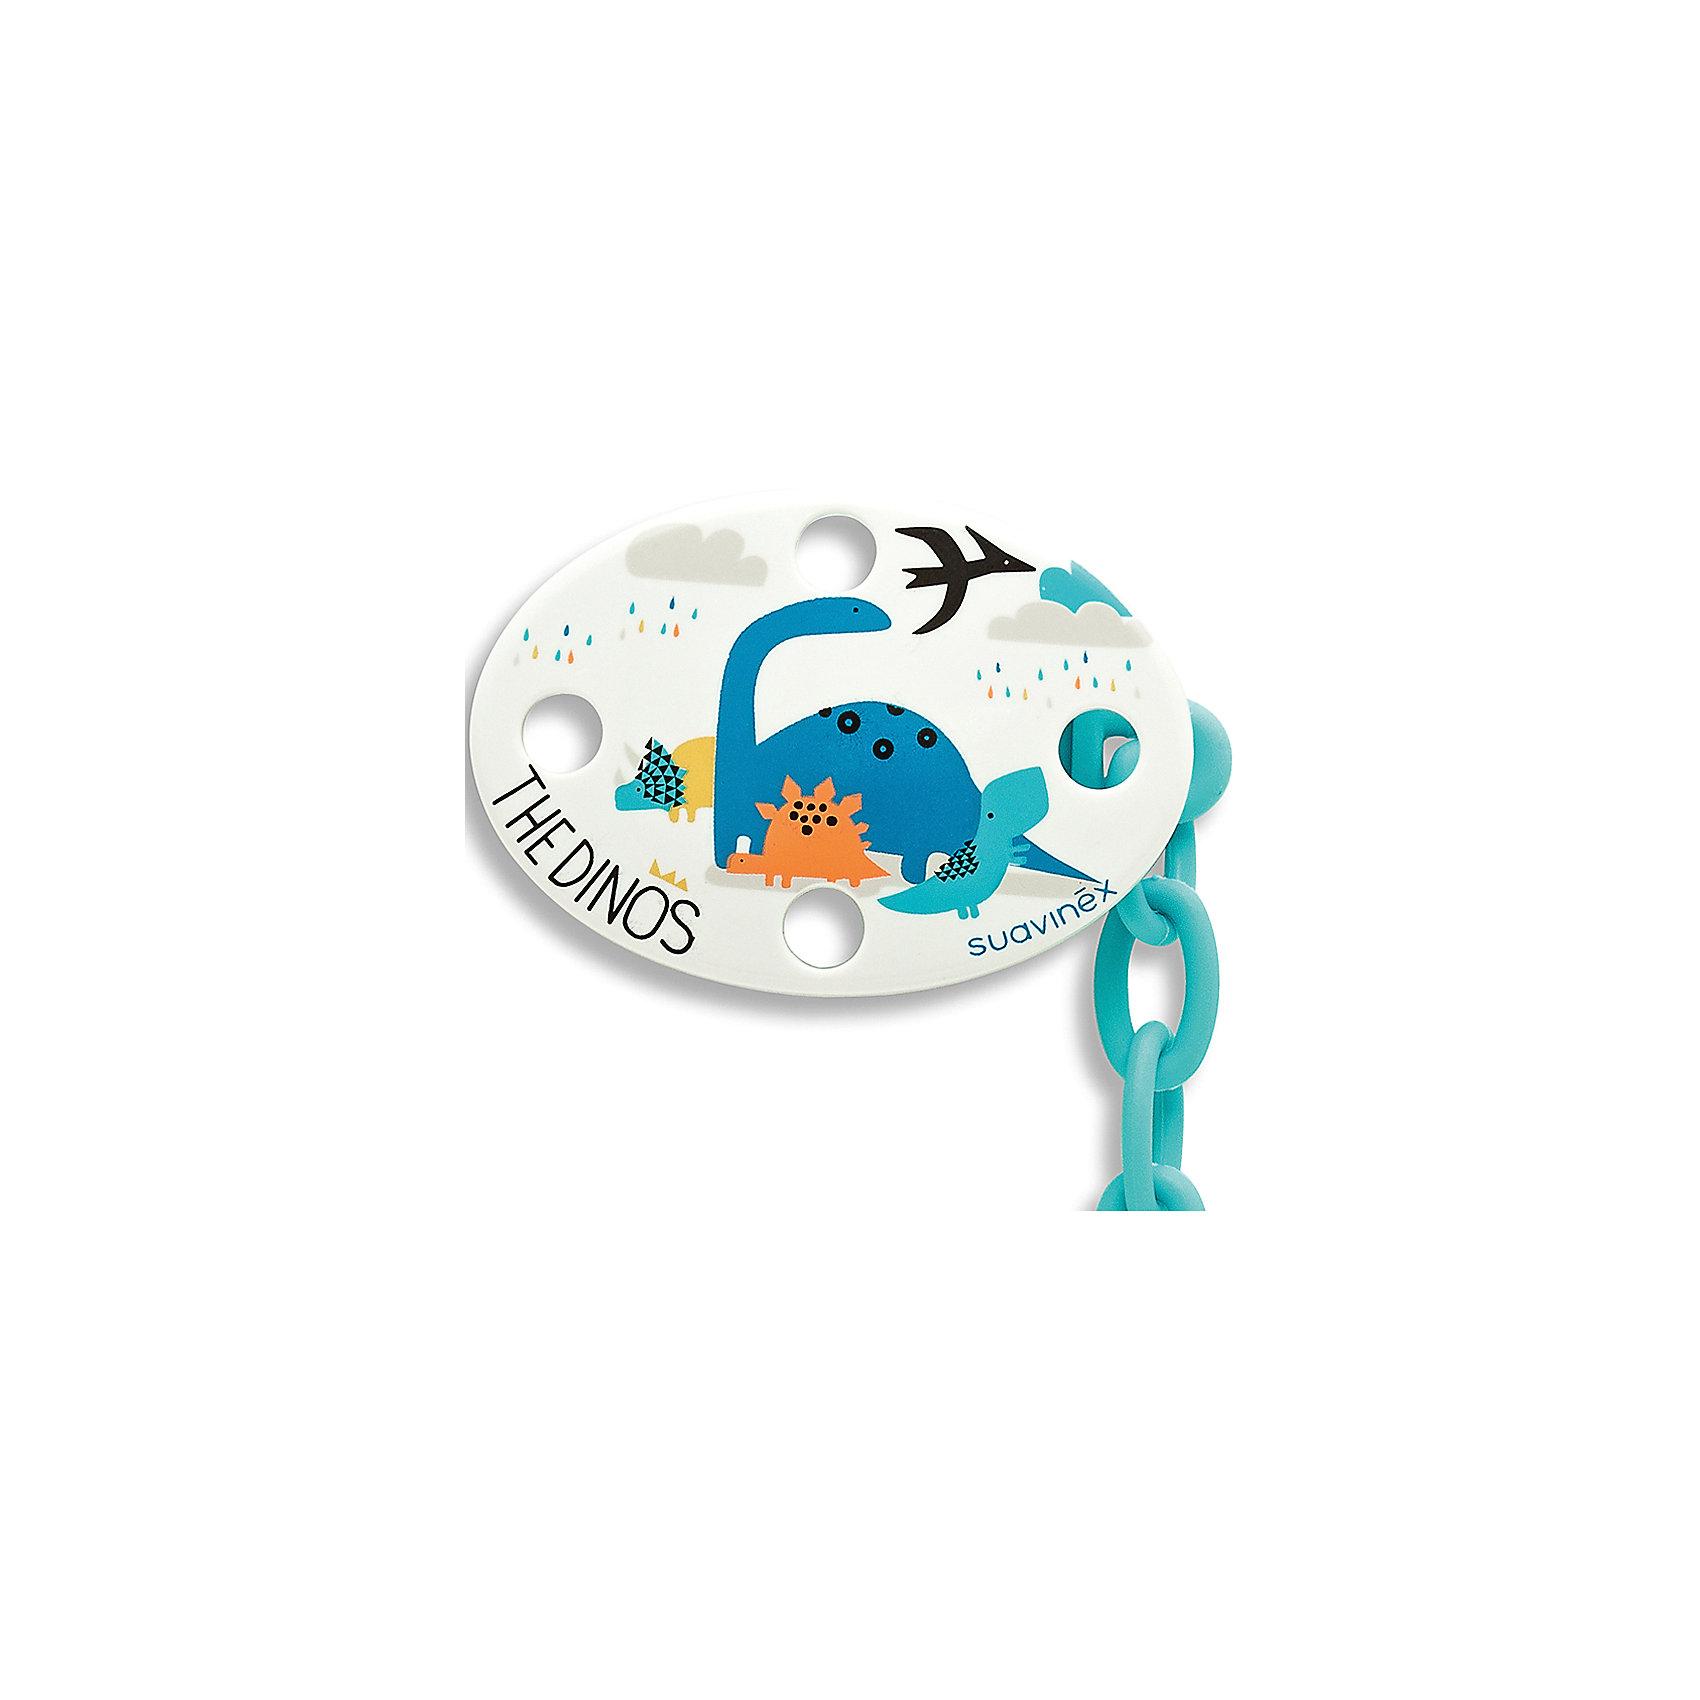 Держатель для пустышки Динозавр от 0 мес., Suavinex, белыйПустышки и аксессуары<br>Характеристики:<br><br>• Наименование: держатель для пустышки<br>• Пол: универсальный<br>• Материал: пластик<br>• Цвет: голубой, белый, оранжевый<br>• Рисунок: динозавр<br>• Универсальный механизм для закрепления любых пустышек<br>• Вид держателя: на цепочке с клипсой<br>• Вес: 30 г<br>• Параметры (Д*Ш*В): 5,4*6,5*10,9 см <br>• Особенности ухода: можно мыть в теплой воде, допускается стерилизация<br><br>Держатель для пустышки Динозавр от 0 мес., Suavinex, белый изготовлен испанским торговым брендом, специализирующимся на выпуске товаров для кормления и аксессуаров для младенцев. Продукция от Suavinex премиум-класса разработана из экологически безопасных и прочных материалов, устойчивых к повреждениям, появлению царапин и изменению цвета. <br><br>Держатель для пустышки выполнен в виде цепочки с крупными звеньями, С одной стороны, у держателя предусмотрено кольцо, с другой – овальная клипса. Клипса оформлена в брендовом дизайне с изображением разноцветных динозавриков. Держатель для пустышки Динозавр от 0 мес., Suavinex, белый – это не только необходимый предмет ухода за младенцем, но и стильный аксессуар. <br><br>Держатель для пустышки Динозавр от 0 мес., Suavinex, белый можно купить в нашем интернет-магазине.<br><br>Ширина мм: 54<br>Глубина мм: 65<br>Высота мм: 109<br>Вес г: 30<br>Возраст от месяцев: 0<br>Возраст до месяцев: 24<br>Пол: Унисекс<br>Возраст: Детский<br>SKU: 5451245